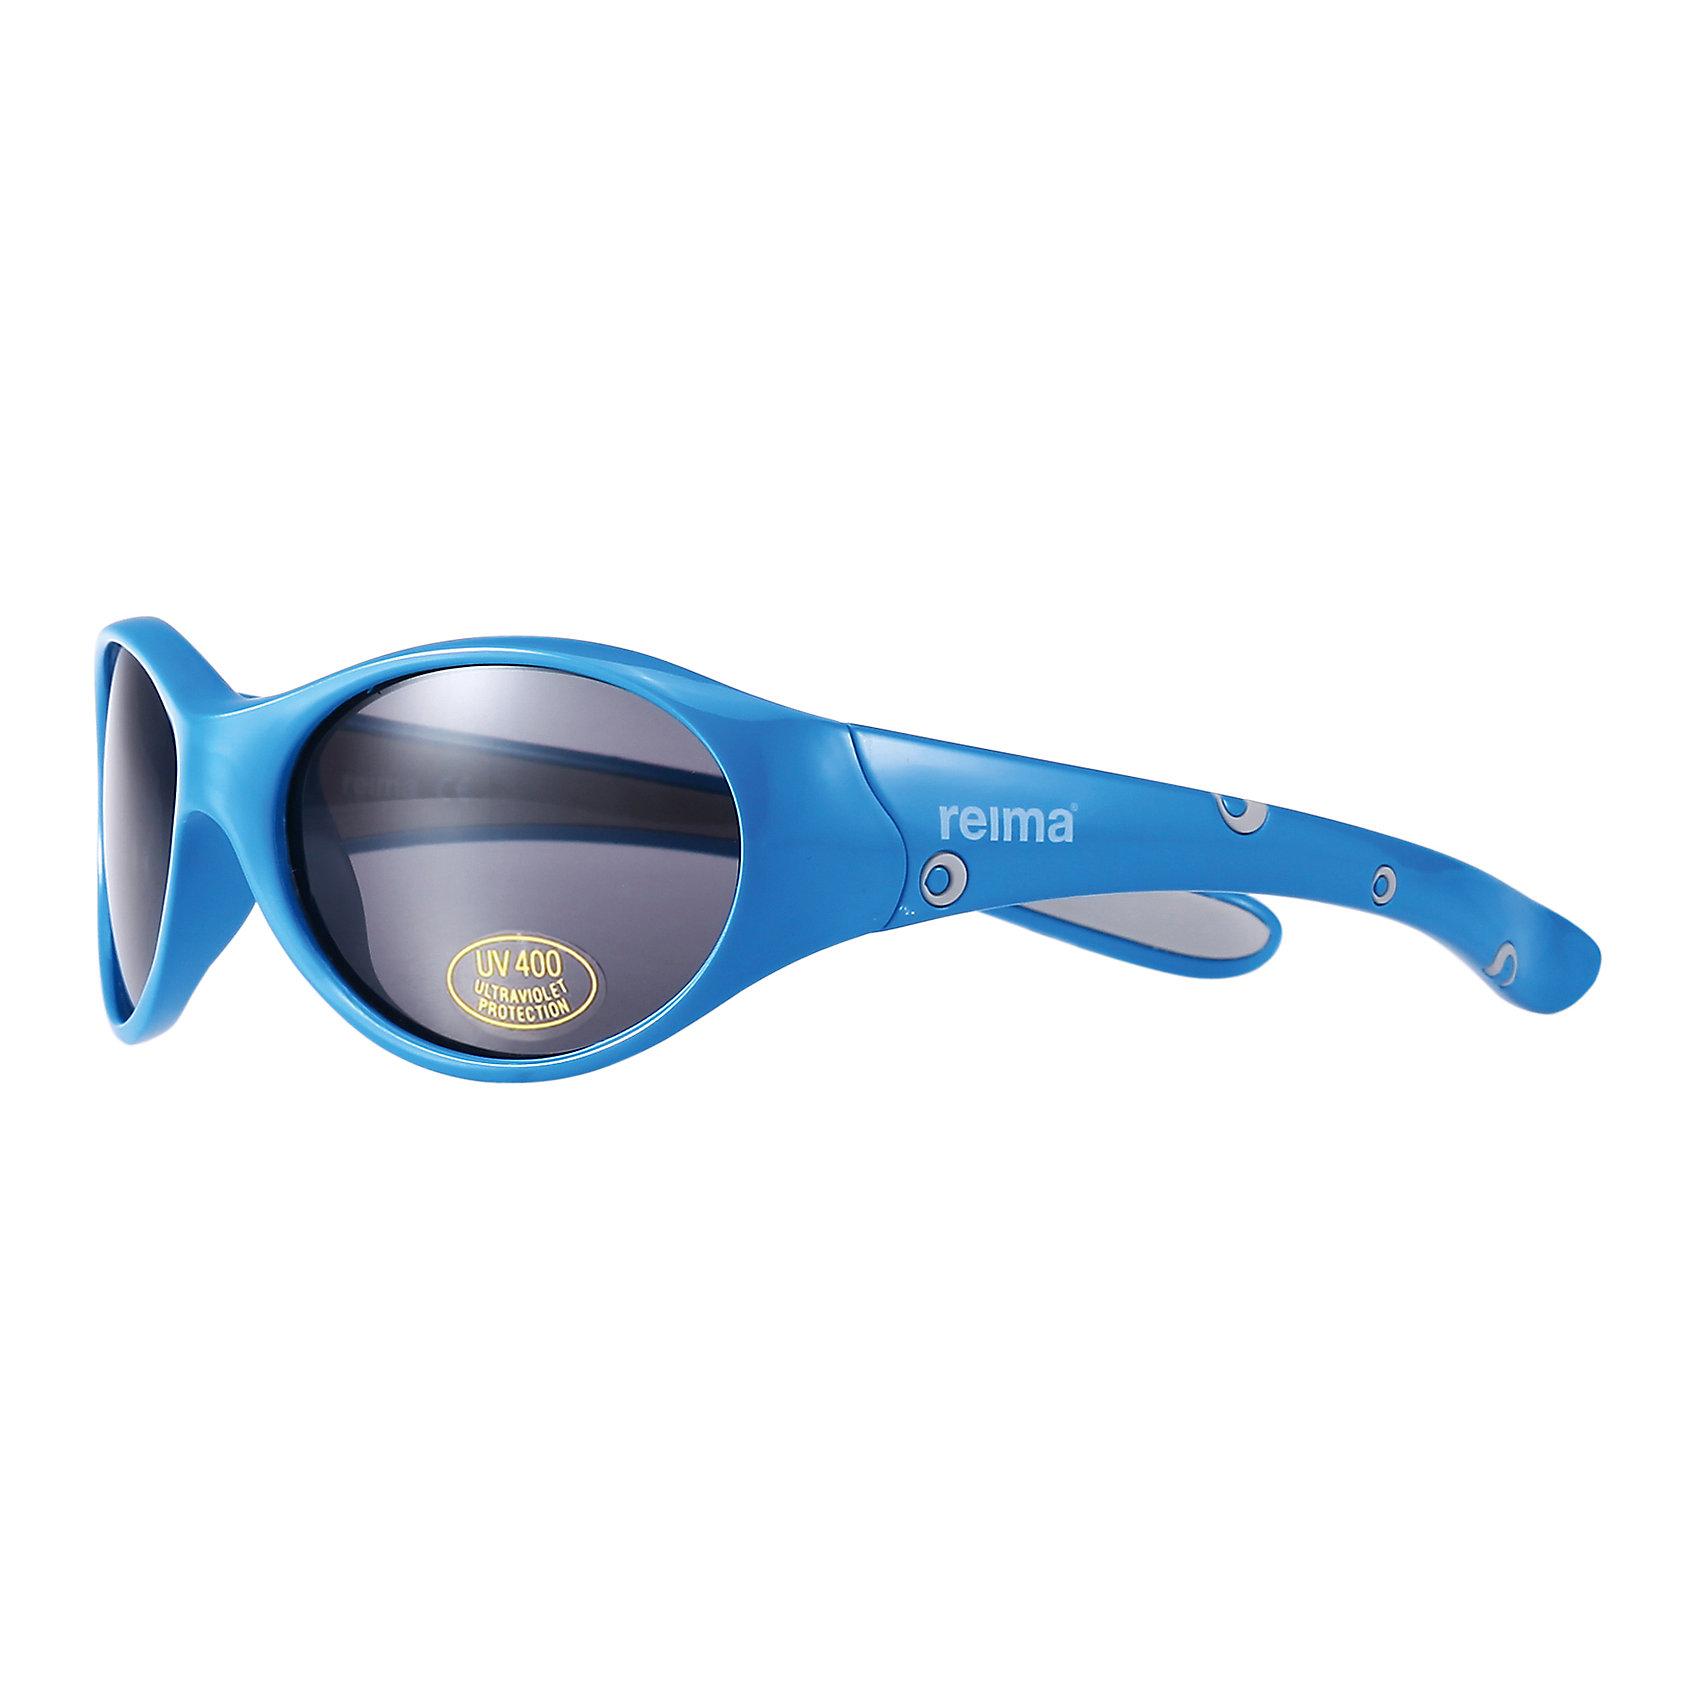 Солнцезащитные очки ReimaСолнцезащитные очки от финской марки Reima.<br>Состав:<br>Пластмасса<br><br>Ширина мм: 170<br>Глубина мм: 157<br>Высота мм: 67<br>Вес г: 117<br>Цвет: голубой<br>Возраст от месяцев: 48<br>Возраст до месяцев: 72<br>Пол: Мужской<br>Возраст: Детский<br>Размер: one size<br>SKU: 4161532